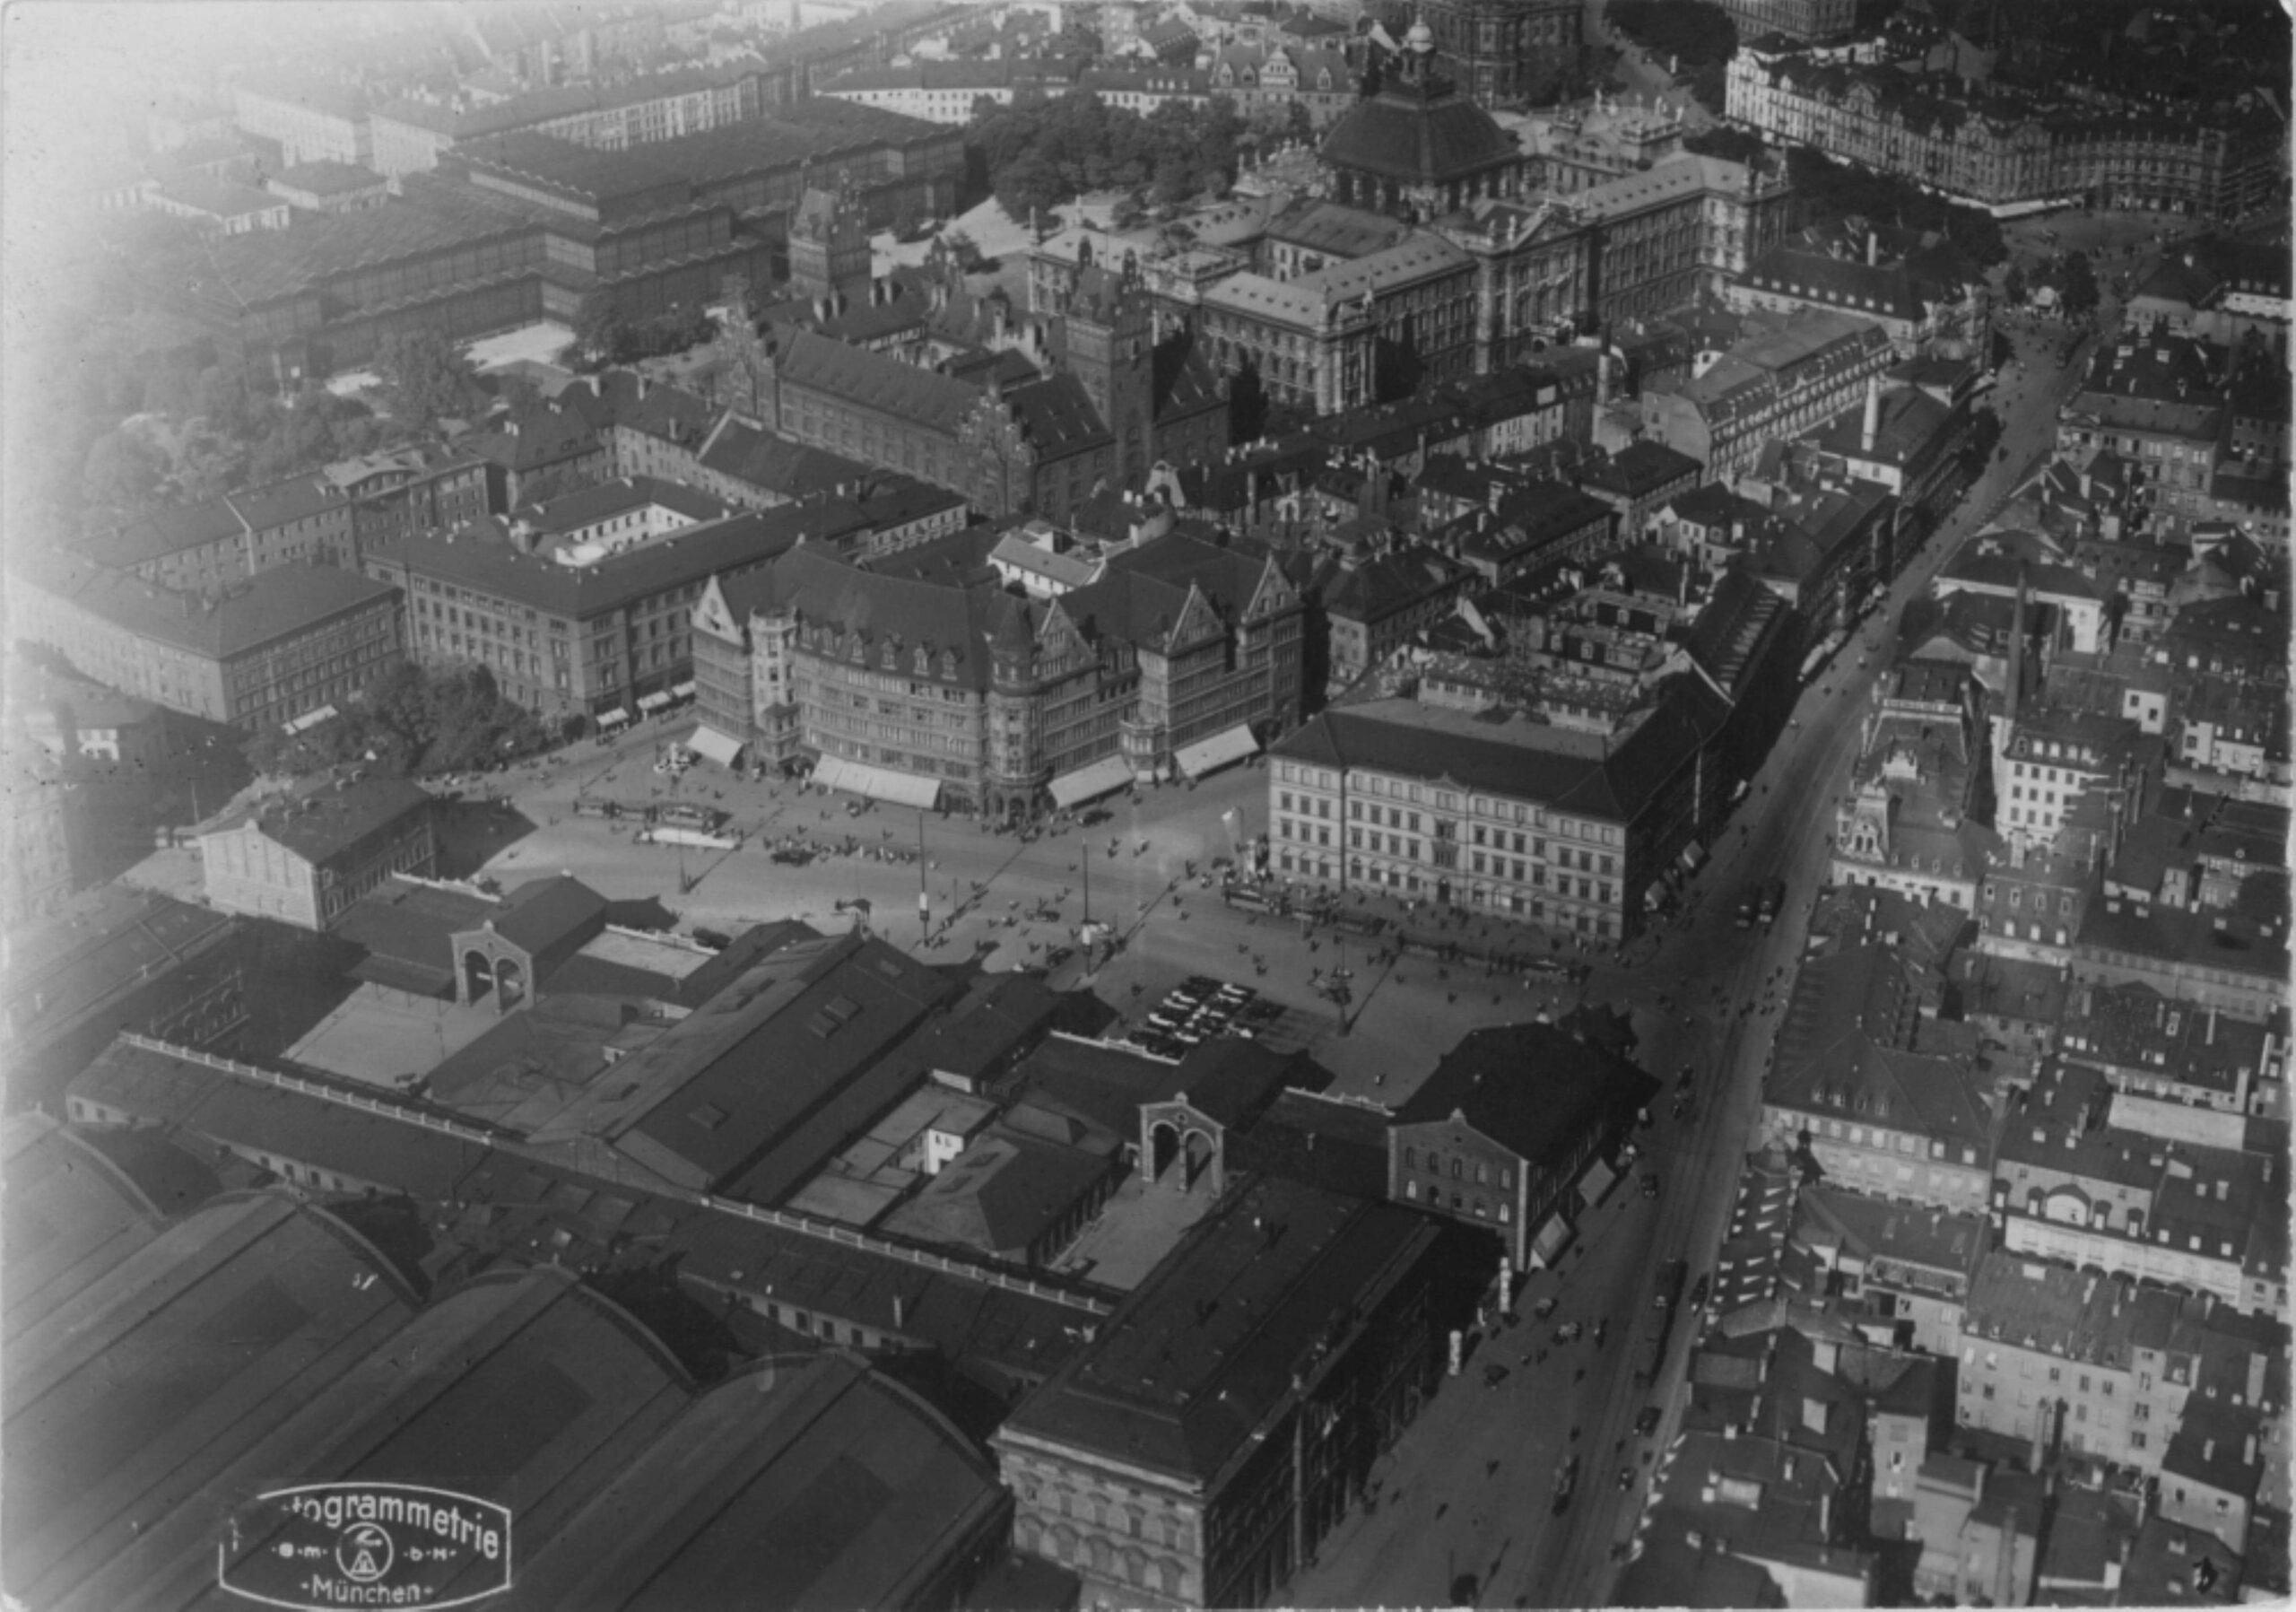 Schwarzweissfotografie: Luftbild des Areals zwischen Bahnhof und Stachus